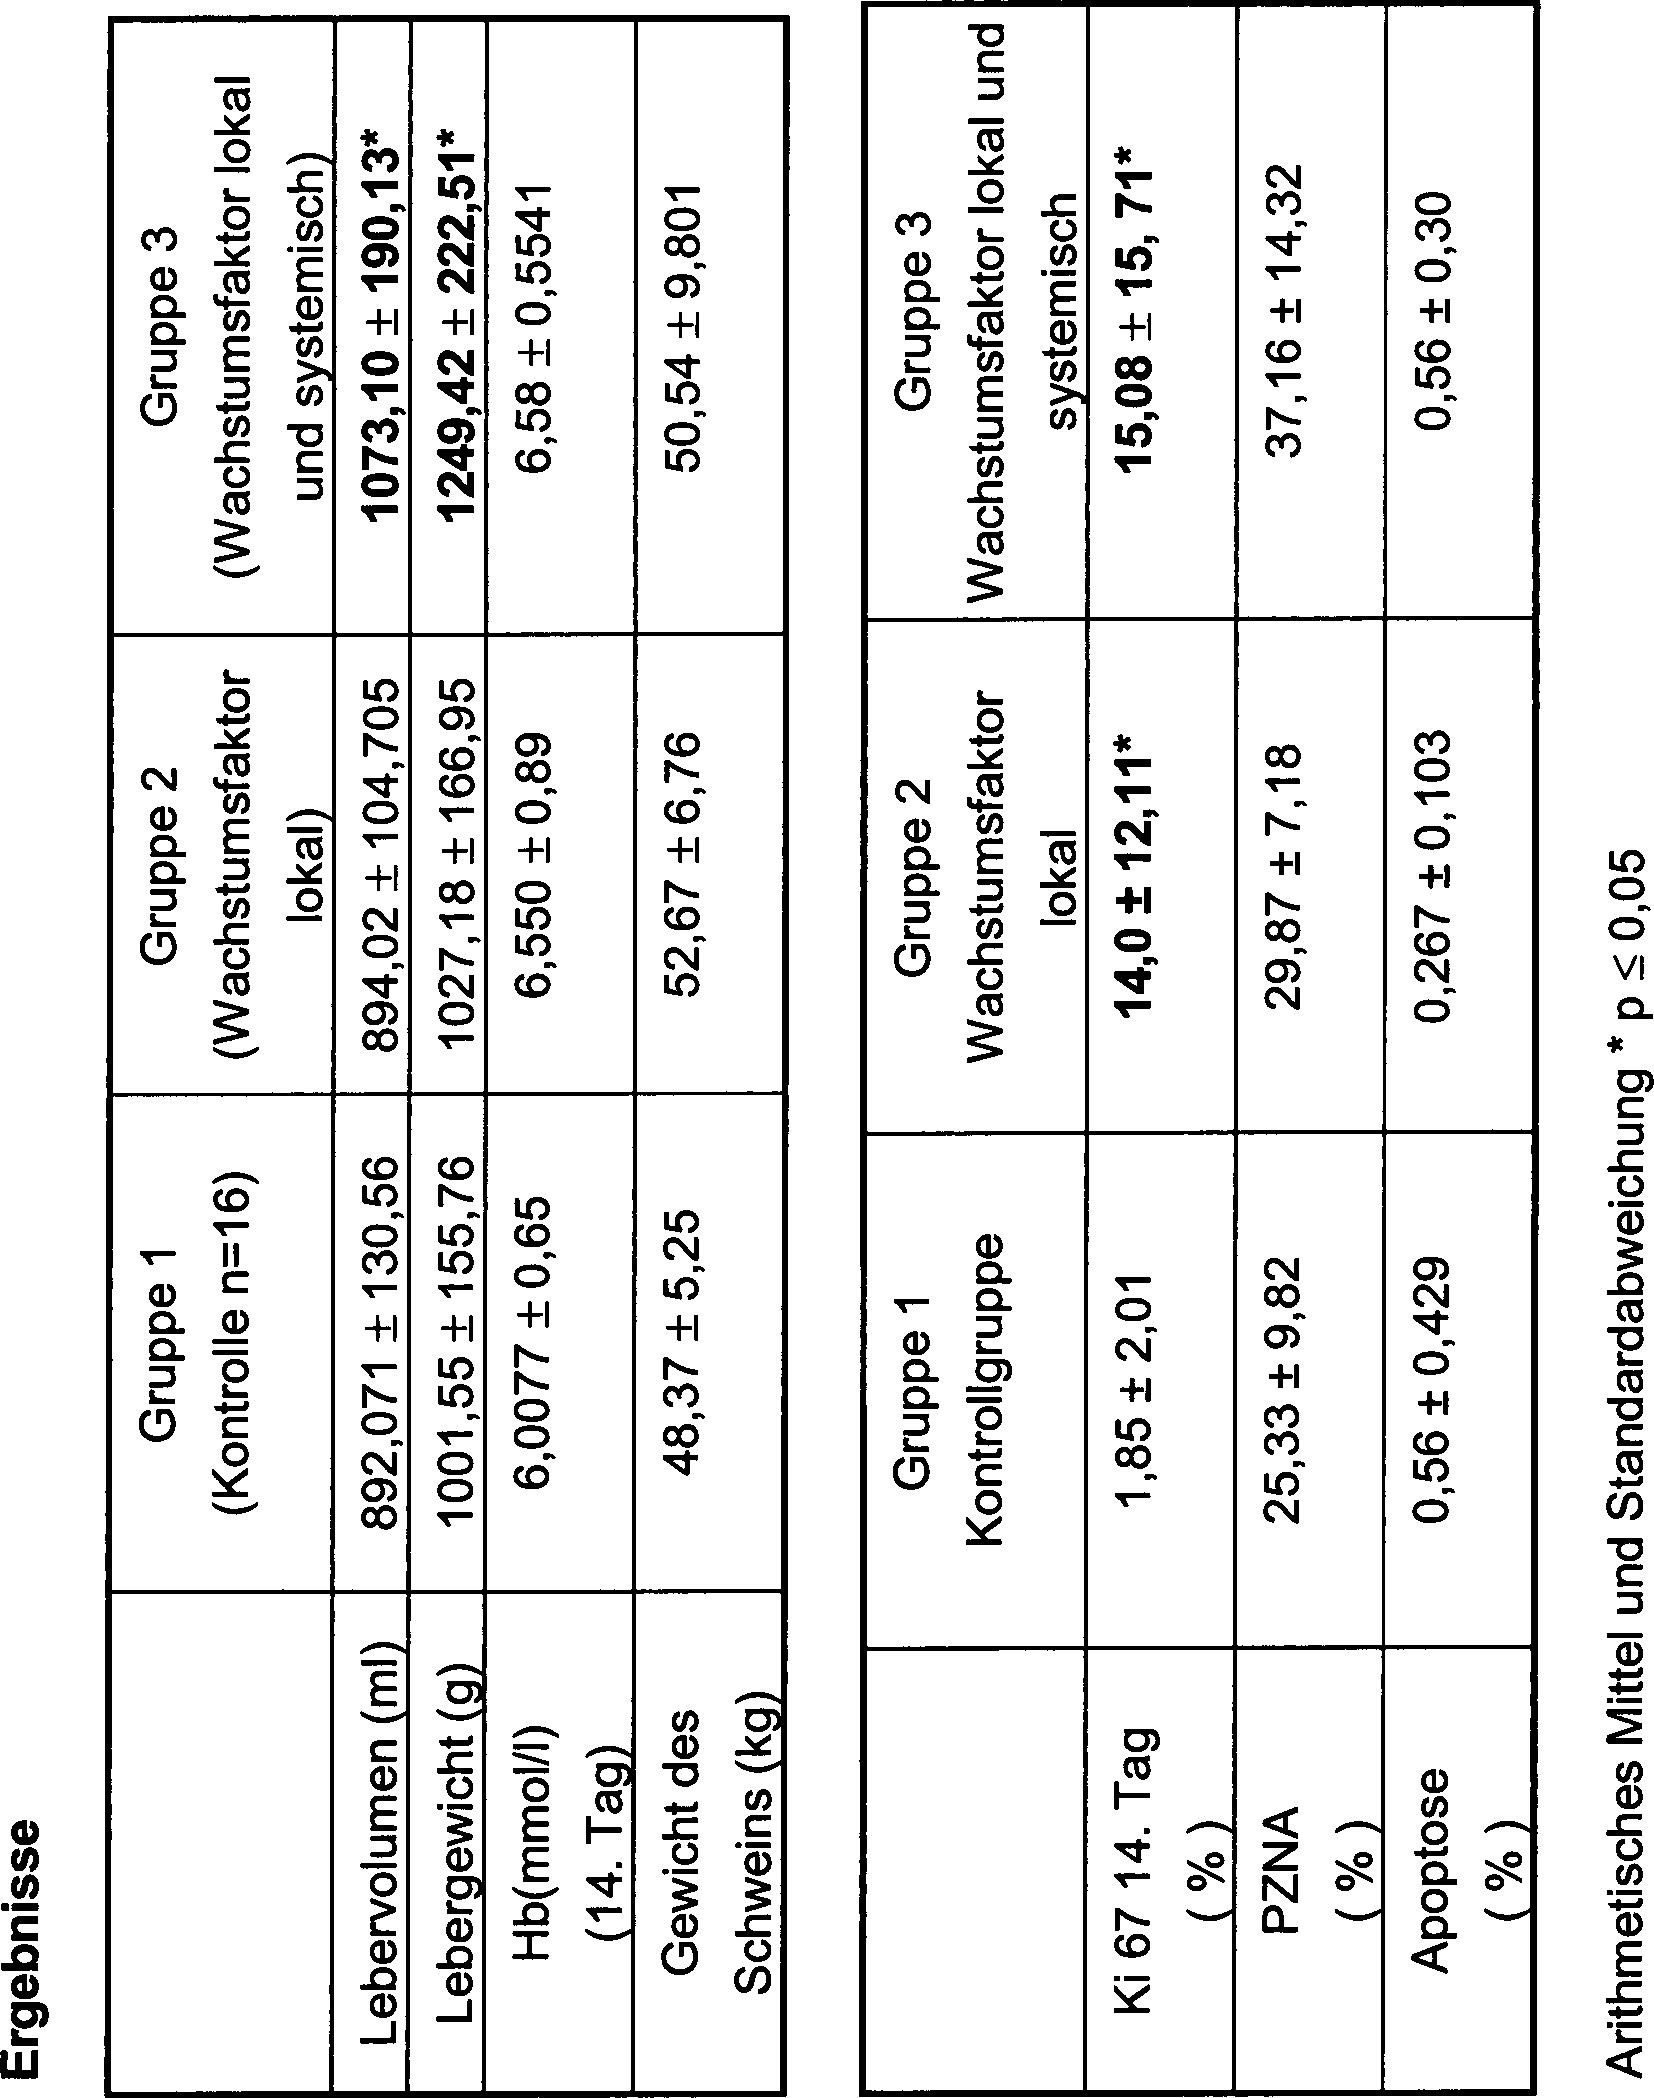 DE10361813A1 - Verfahren zur Regeneration von Gewebe - Google Patents